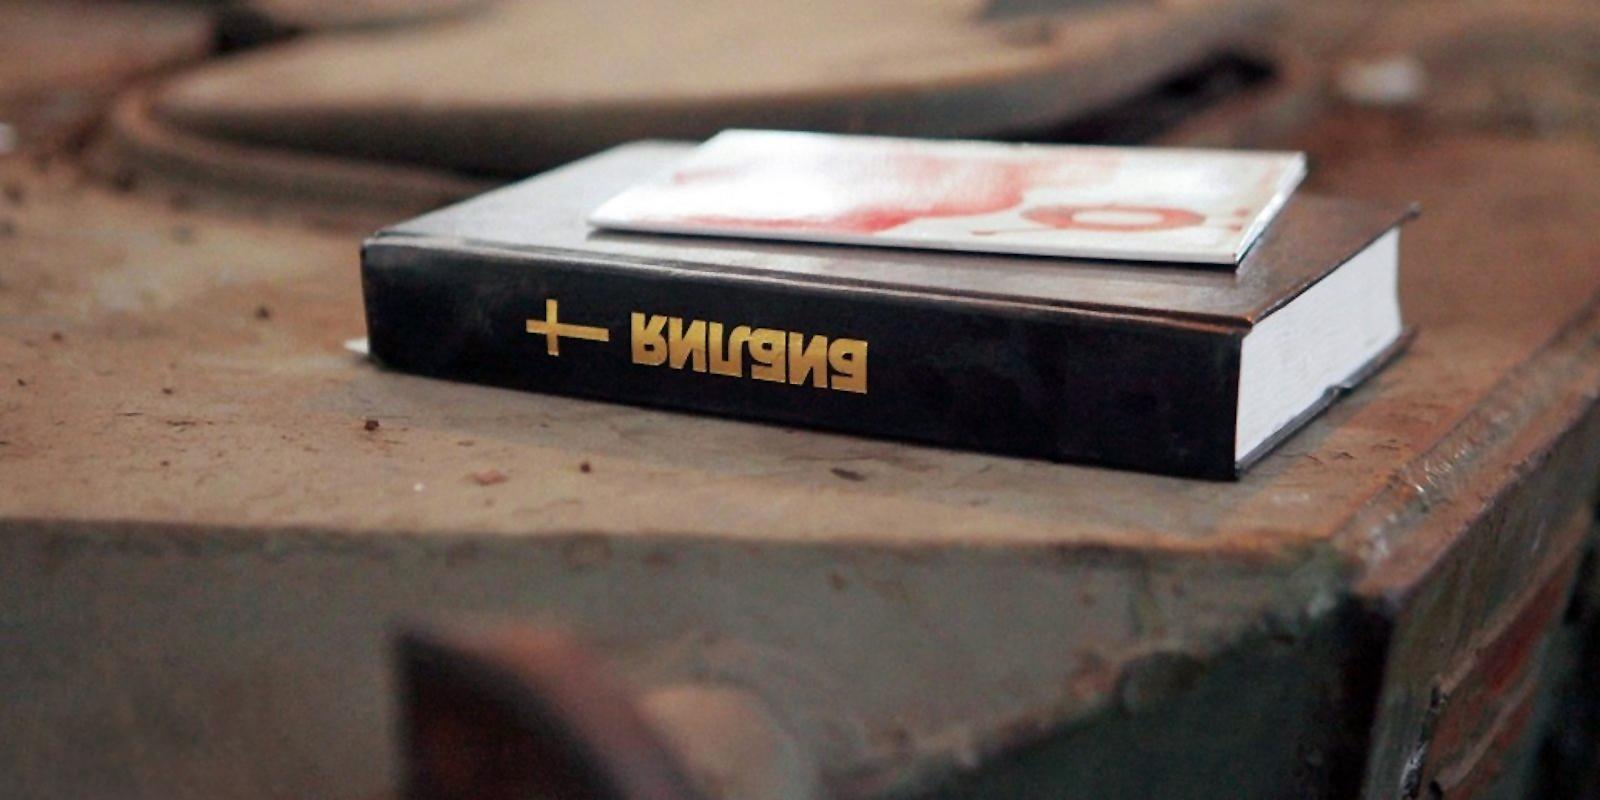 00 russia bible 081015